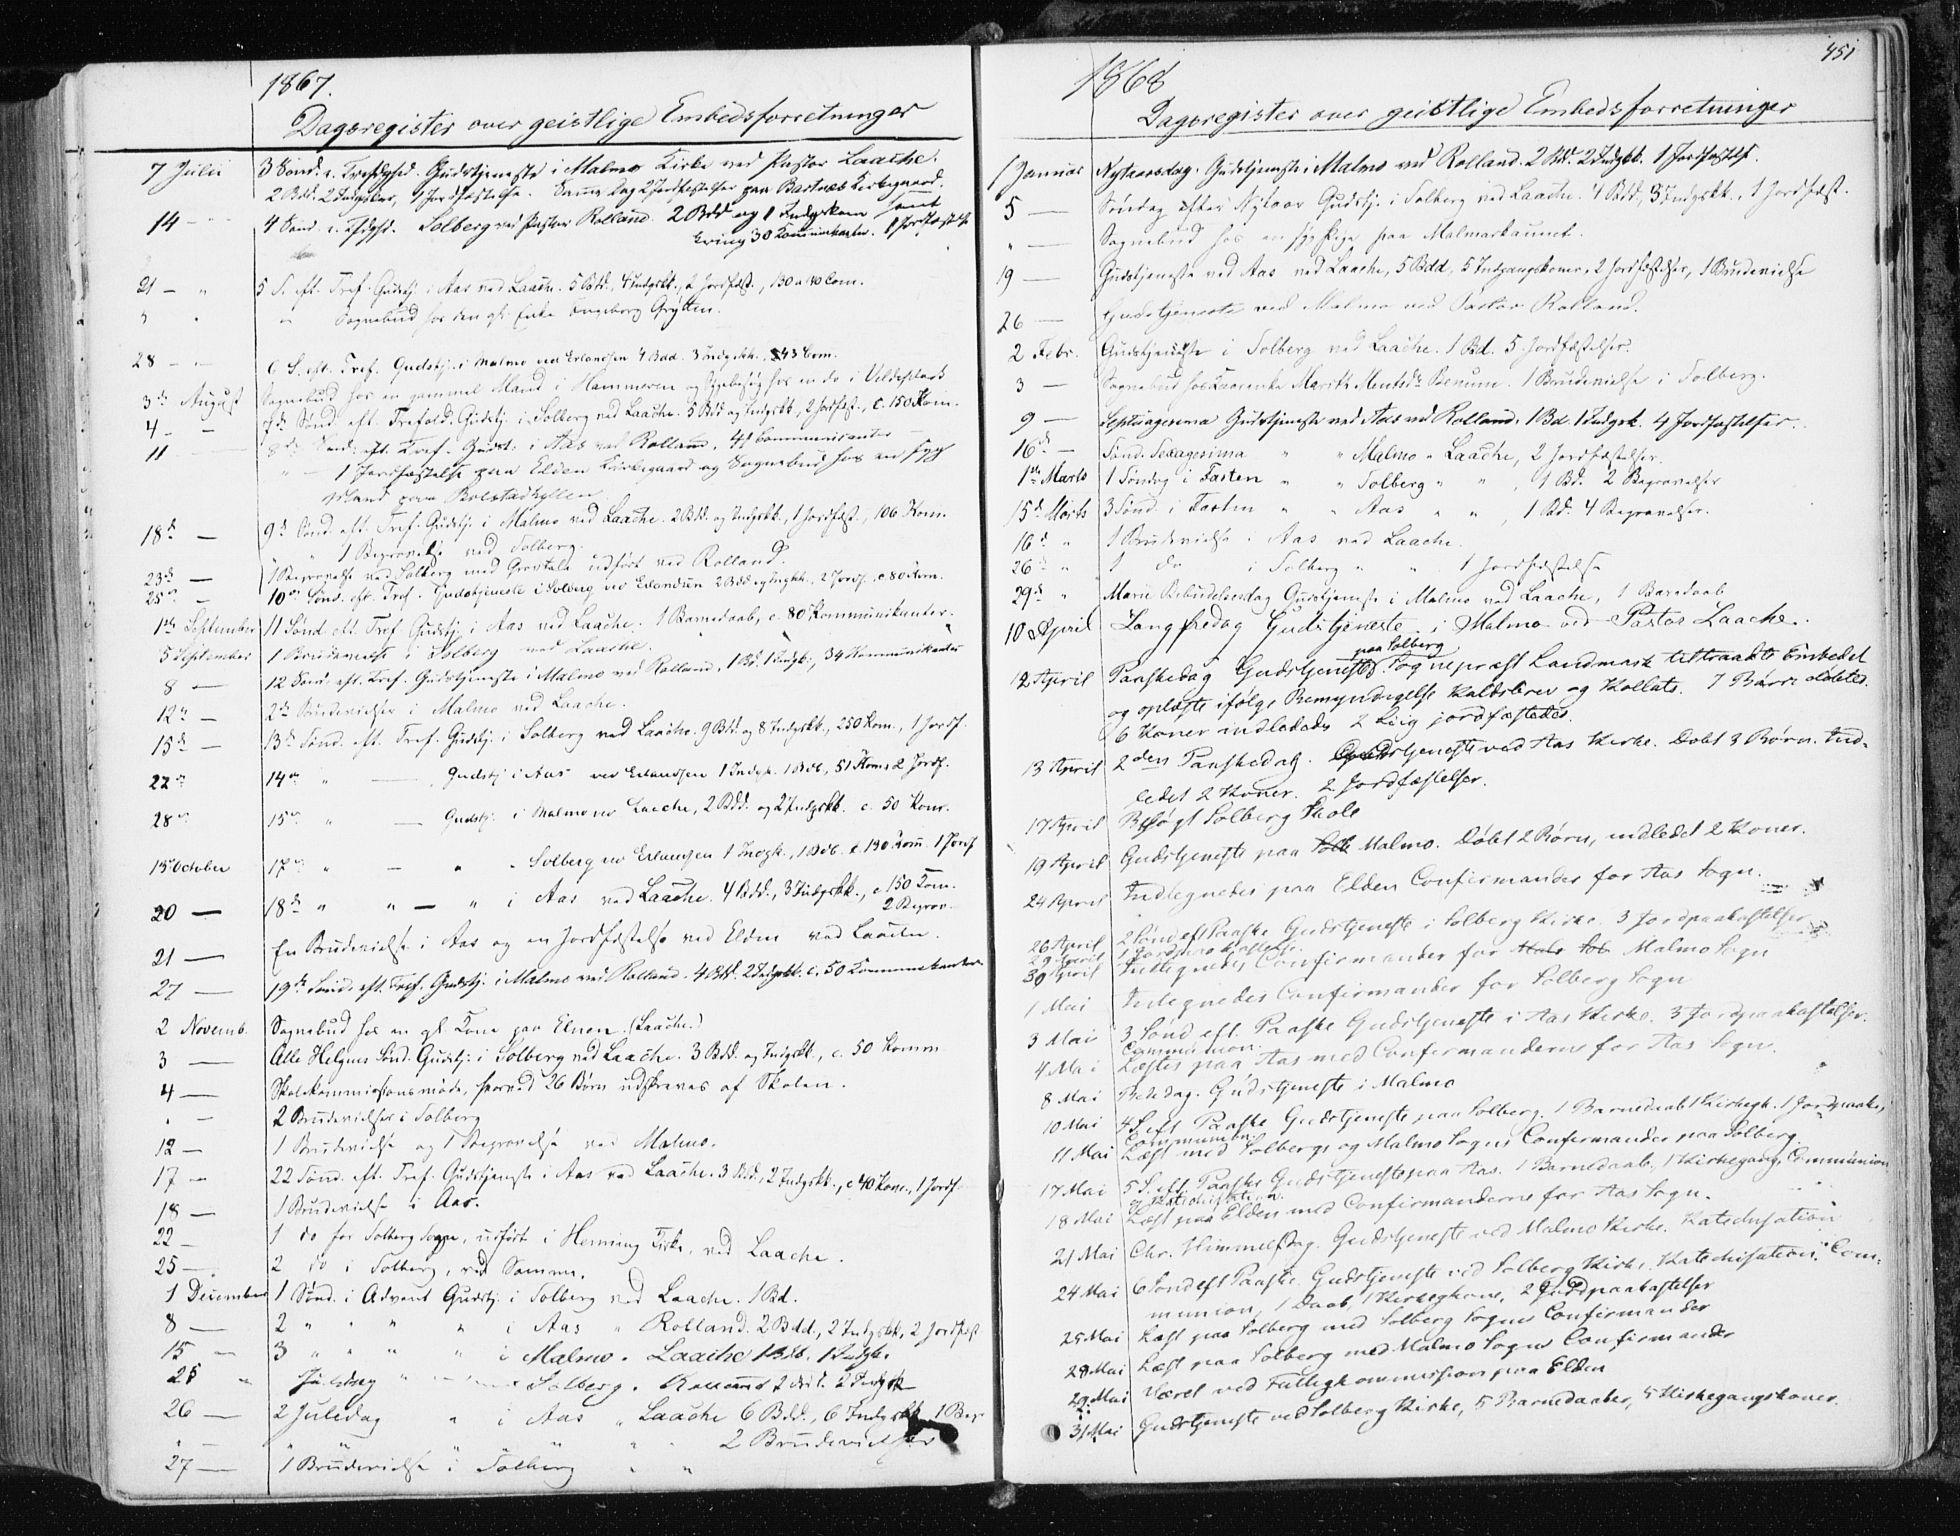 SAT, Ministerialprotokoller, klokkerbøker og fødselsregistre - Nord-Trøndelag, 741/L0394: Ministerialbok nr. 741A08, 1864-1877, s. 451